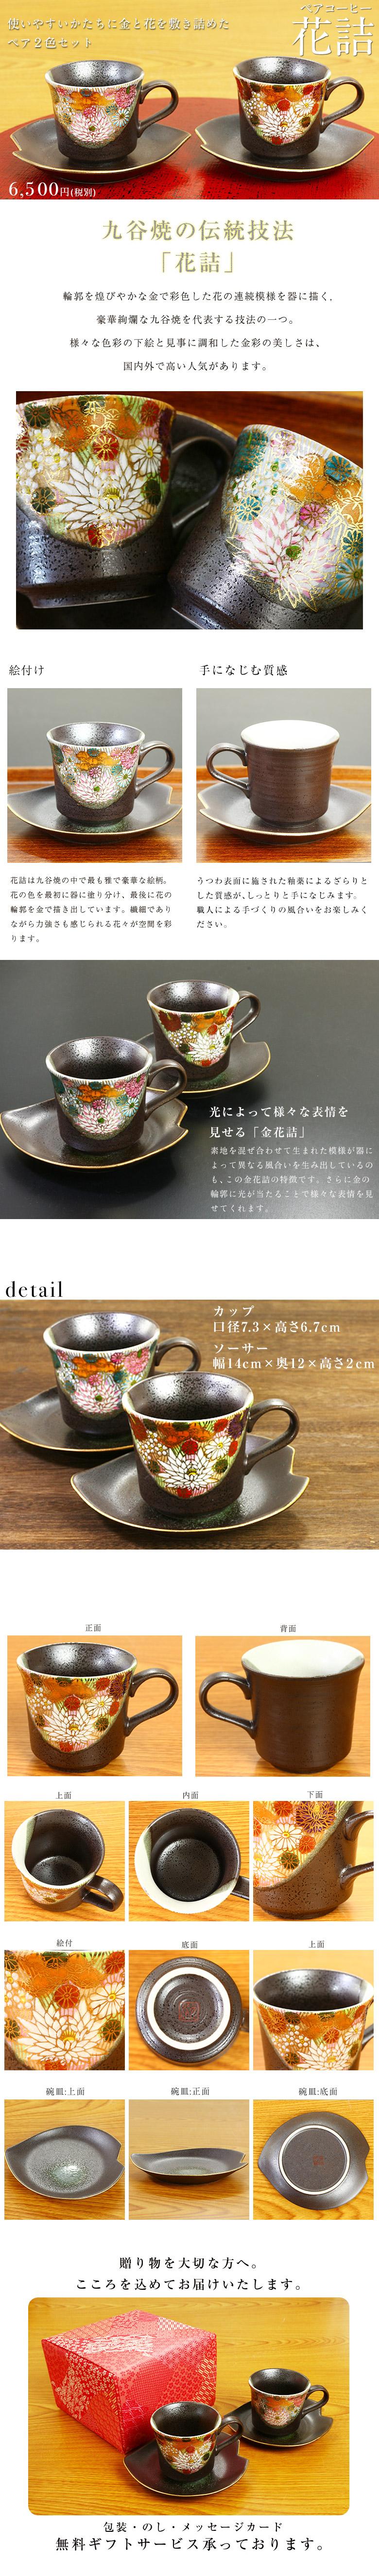 【九谷焼】ペアコーヒー 花詰